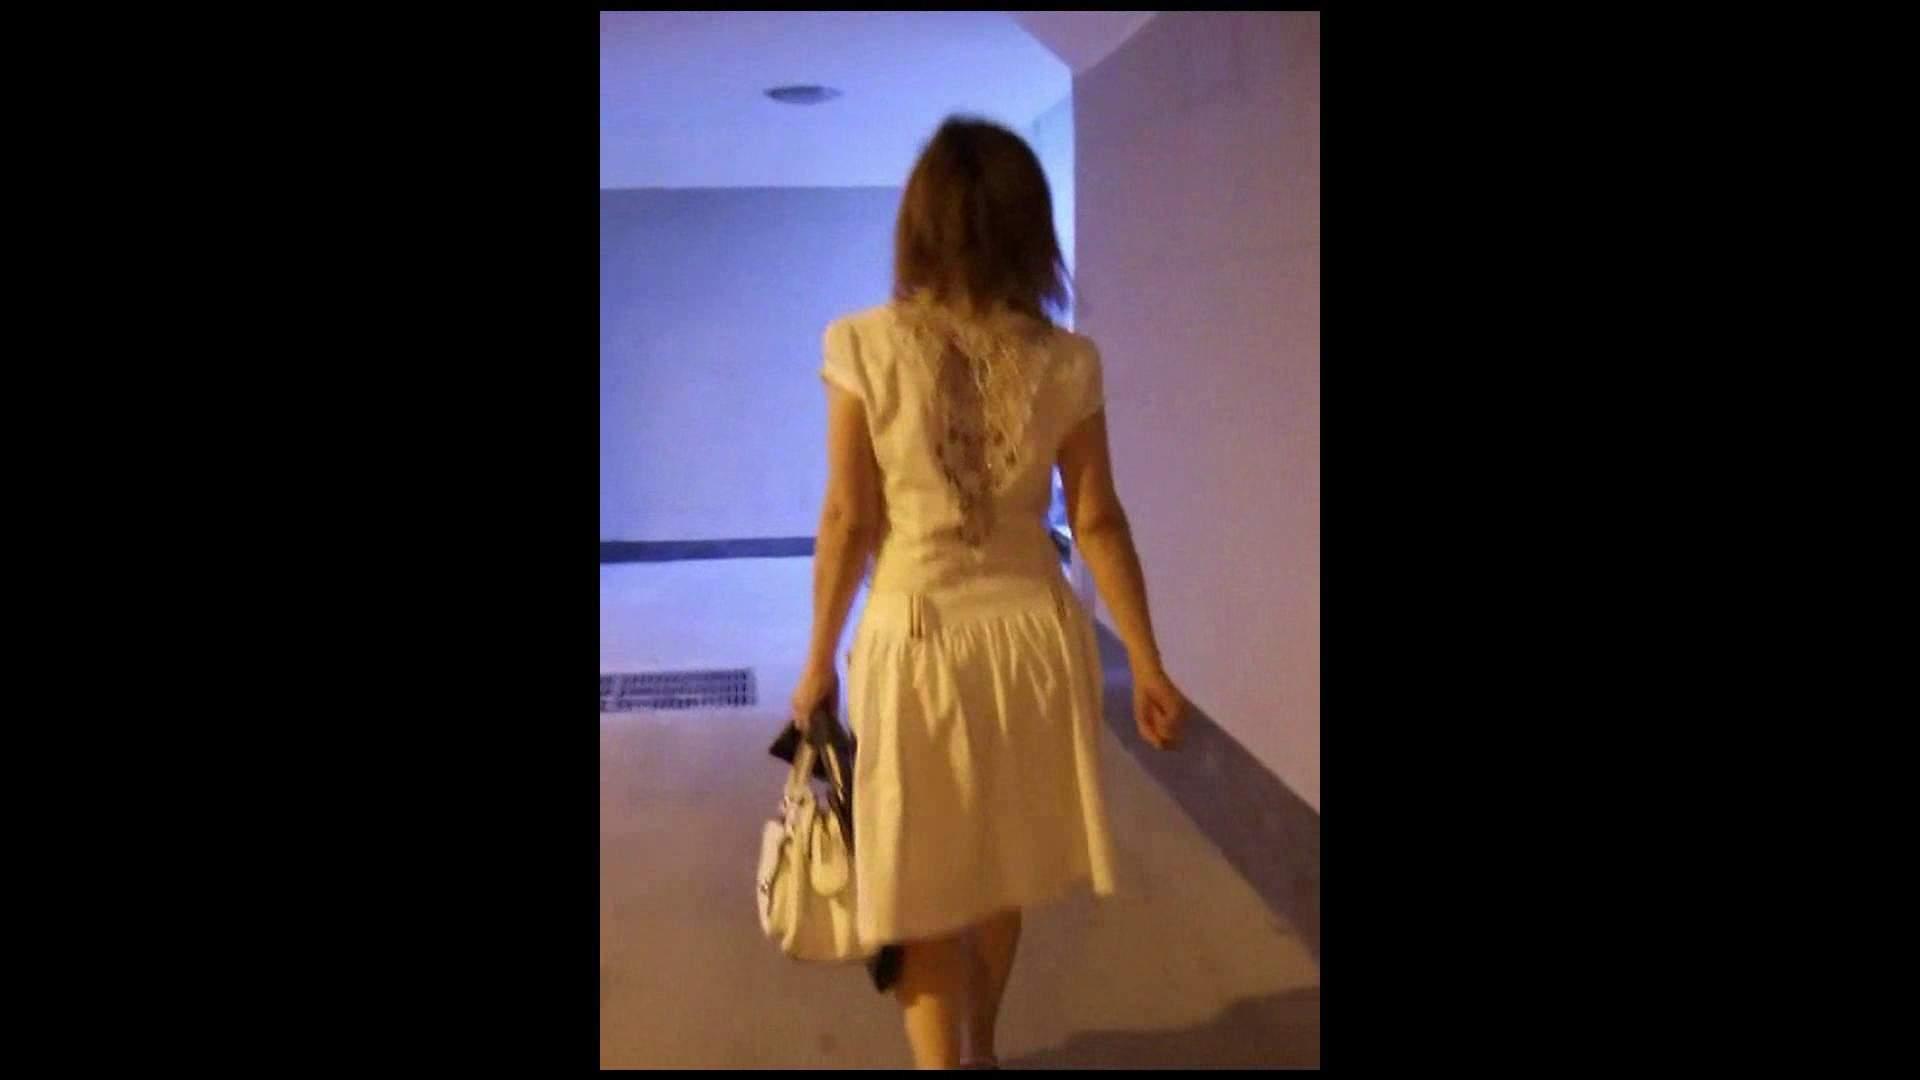 綺麗なモデルさんのスカート捲っちゃおう‼vol02 HなOL   モデルヌード  93pic 23